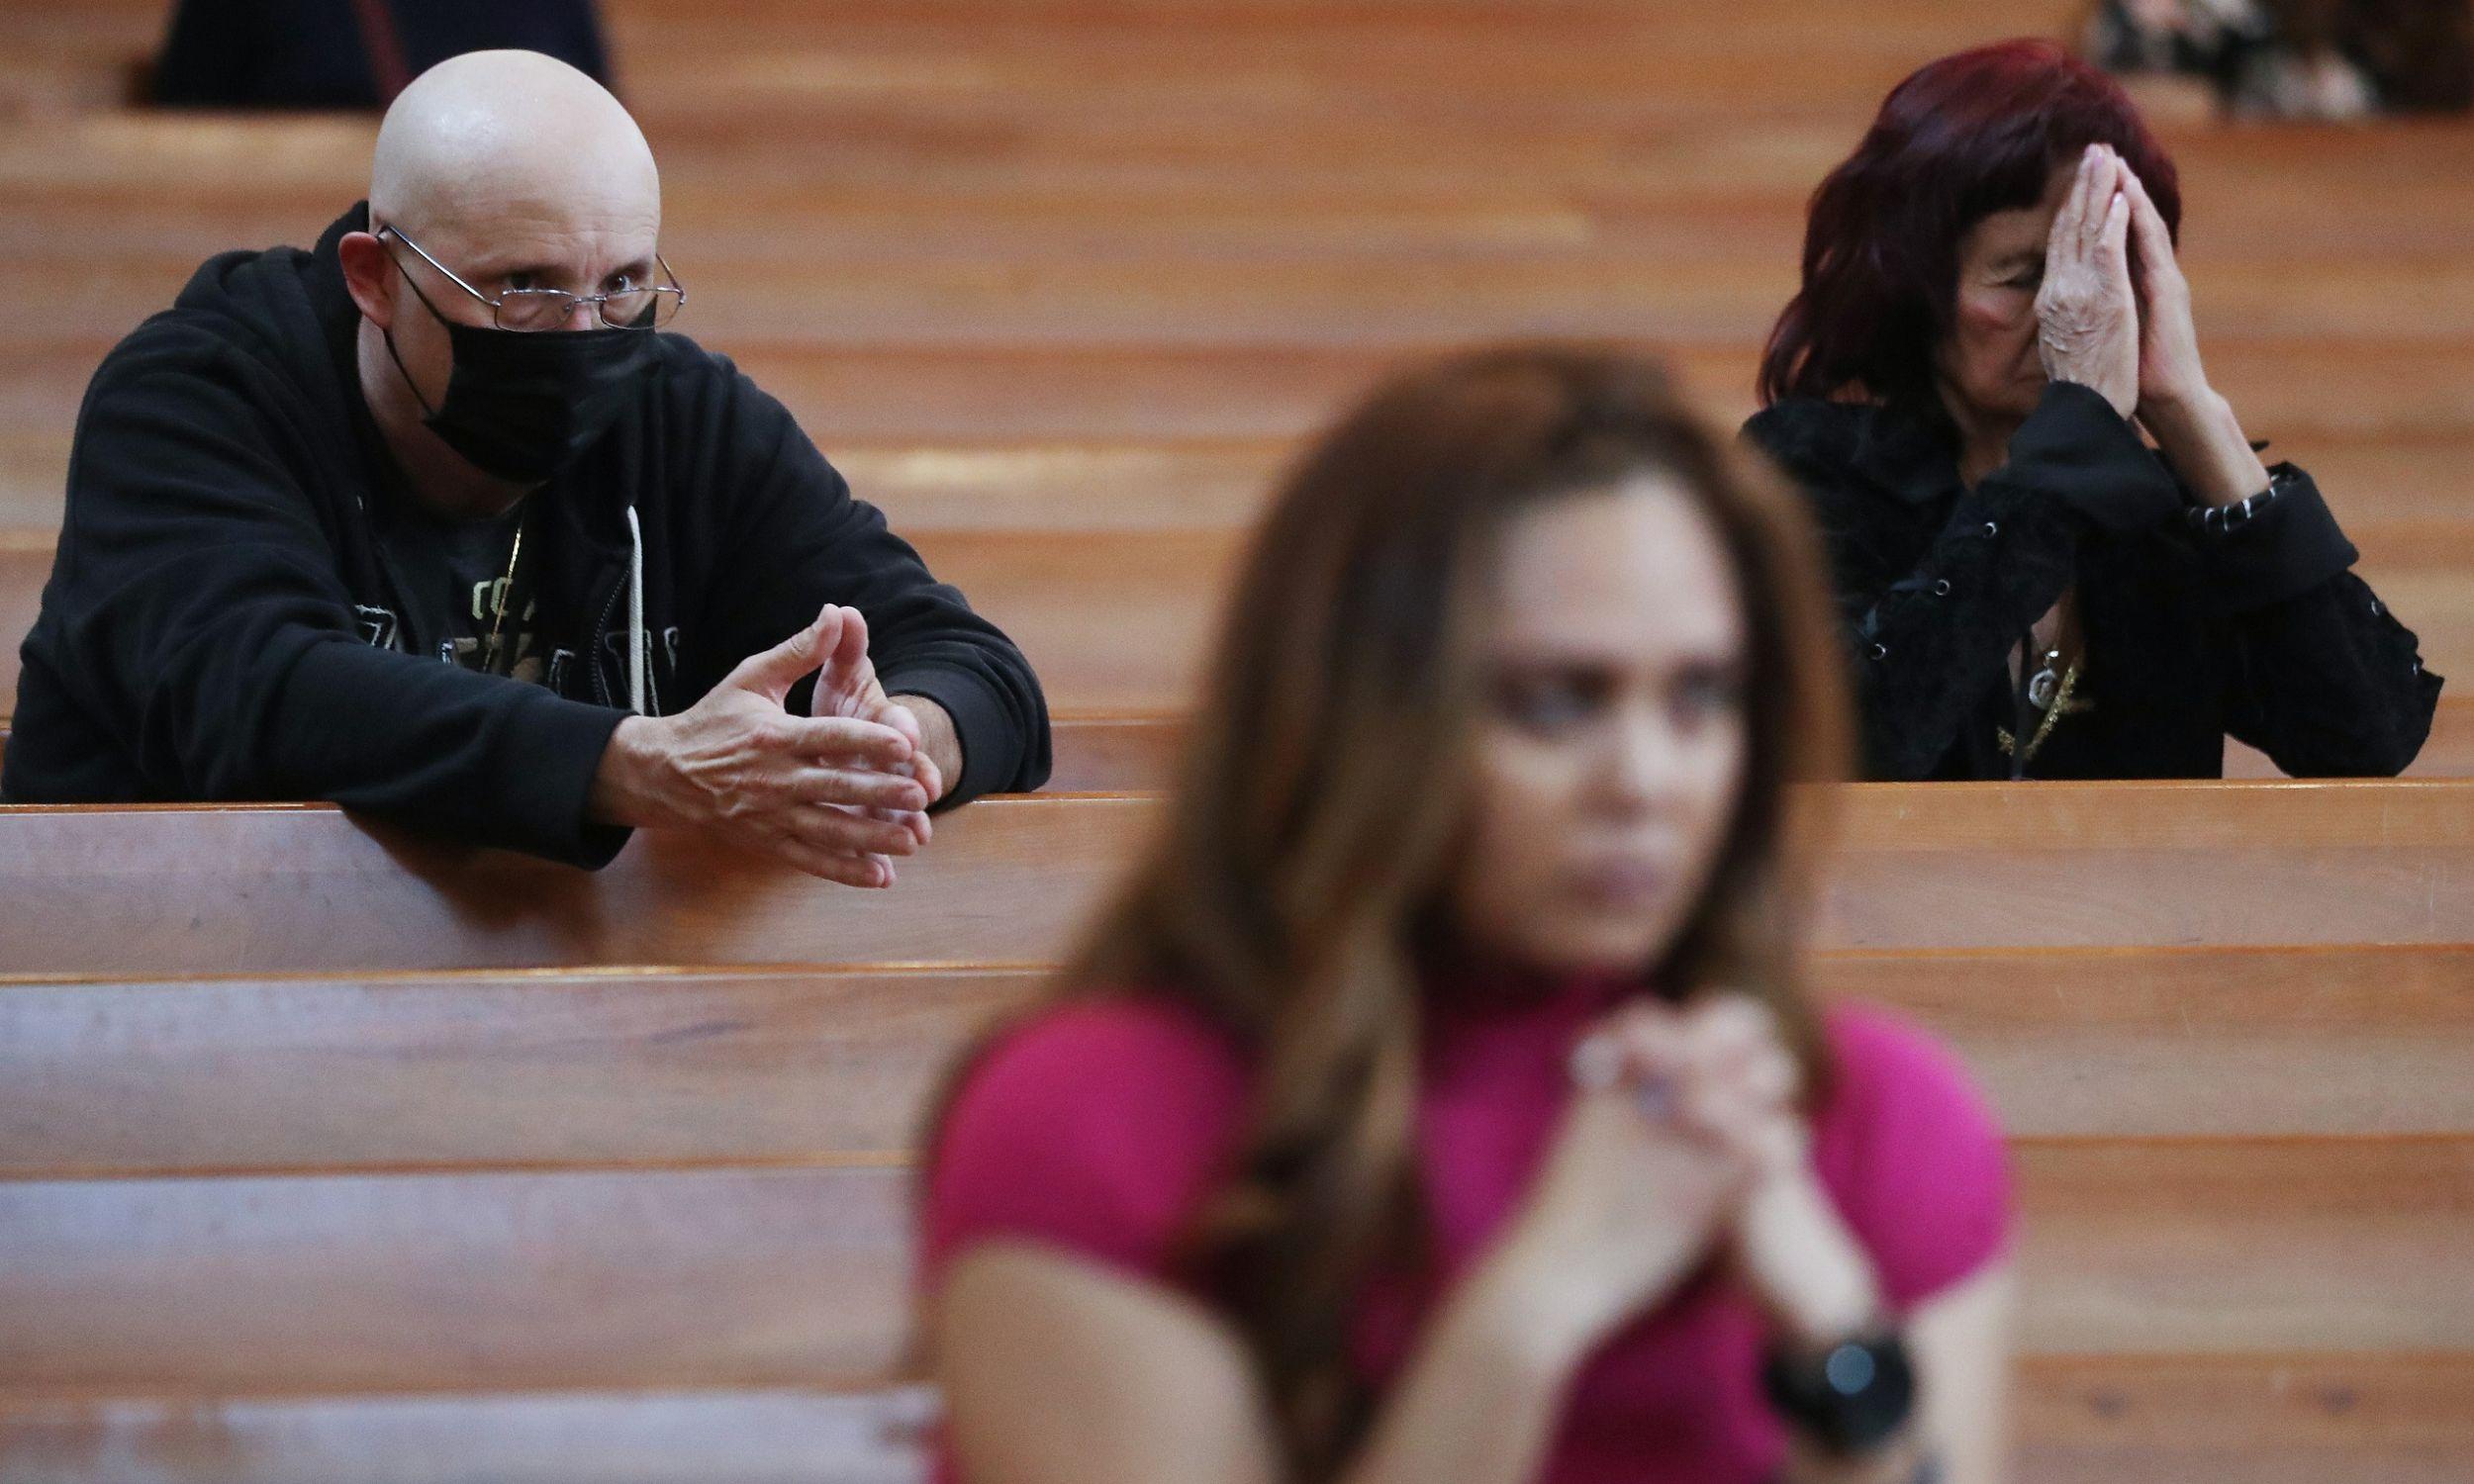 Los Angeles, 26 ltego 2020. Msza święta w Środę Popielcową w katedrze Matki Bożej Anielskiej. Wierny nie jest chory, ale z powodu dużej ostrożności nosił maskę. Fot. Mario Tama / Getty Images